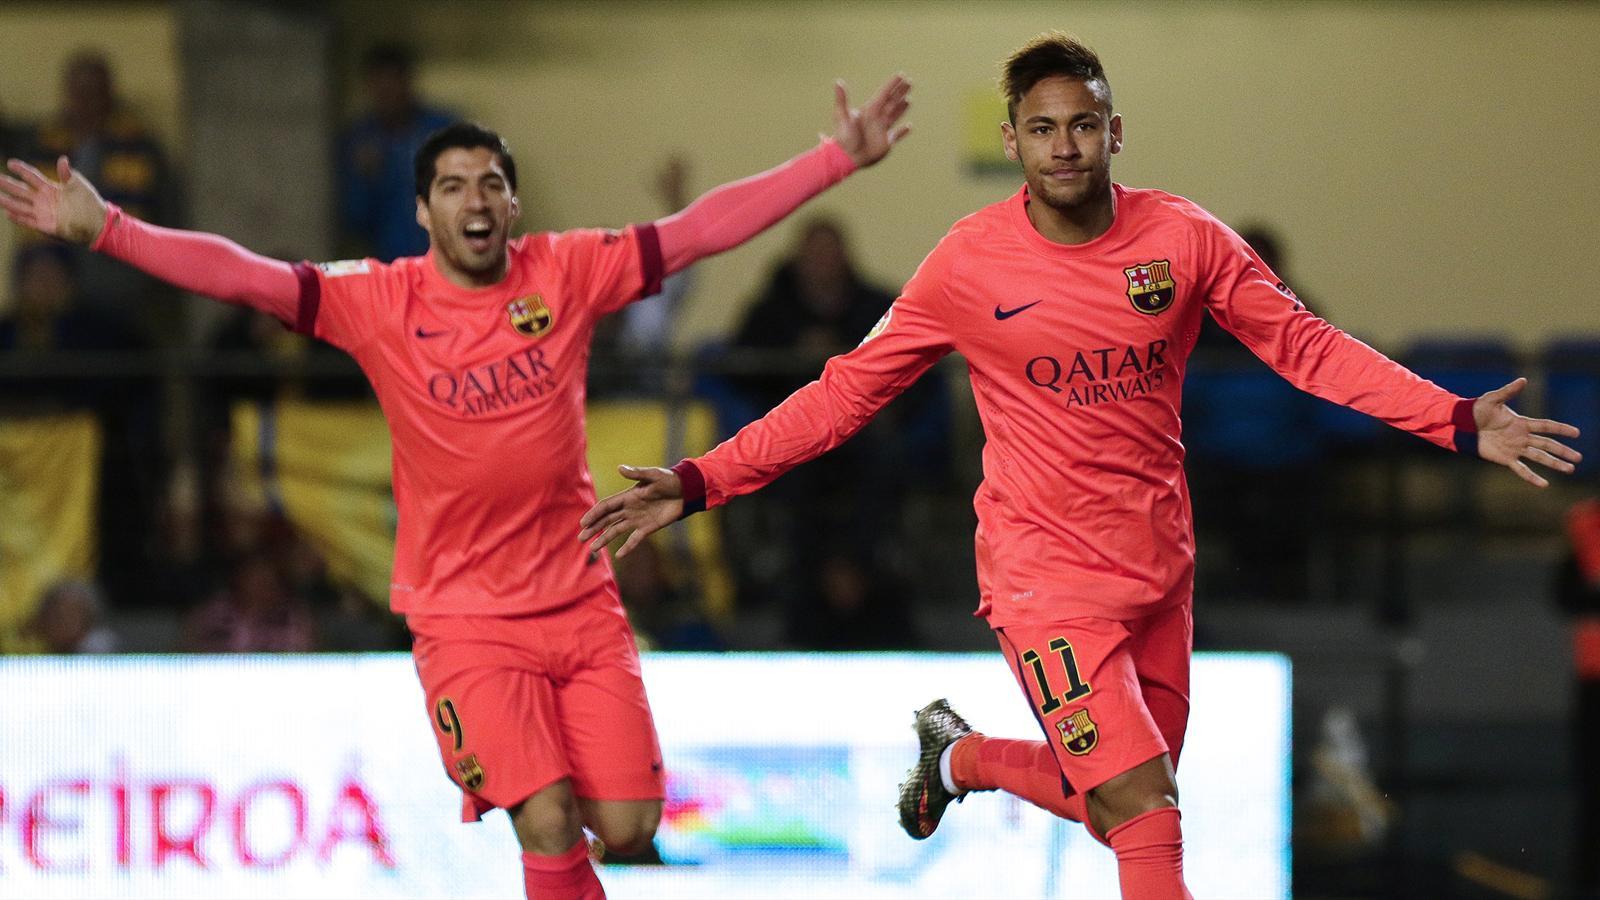 La joie de Neymar et Luis Suarez (Barcelone) face à Villarreal